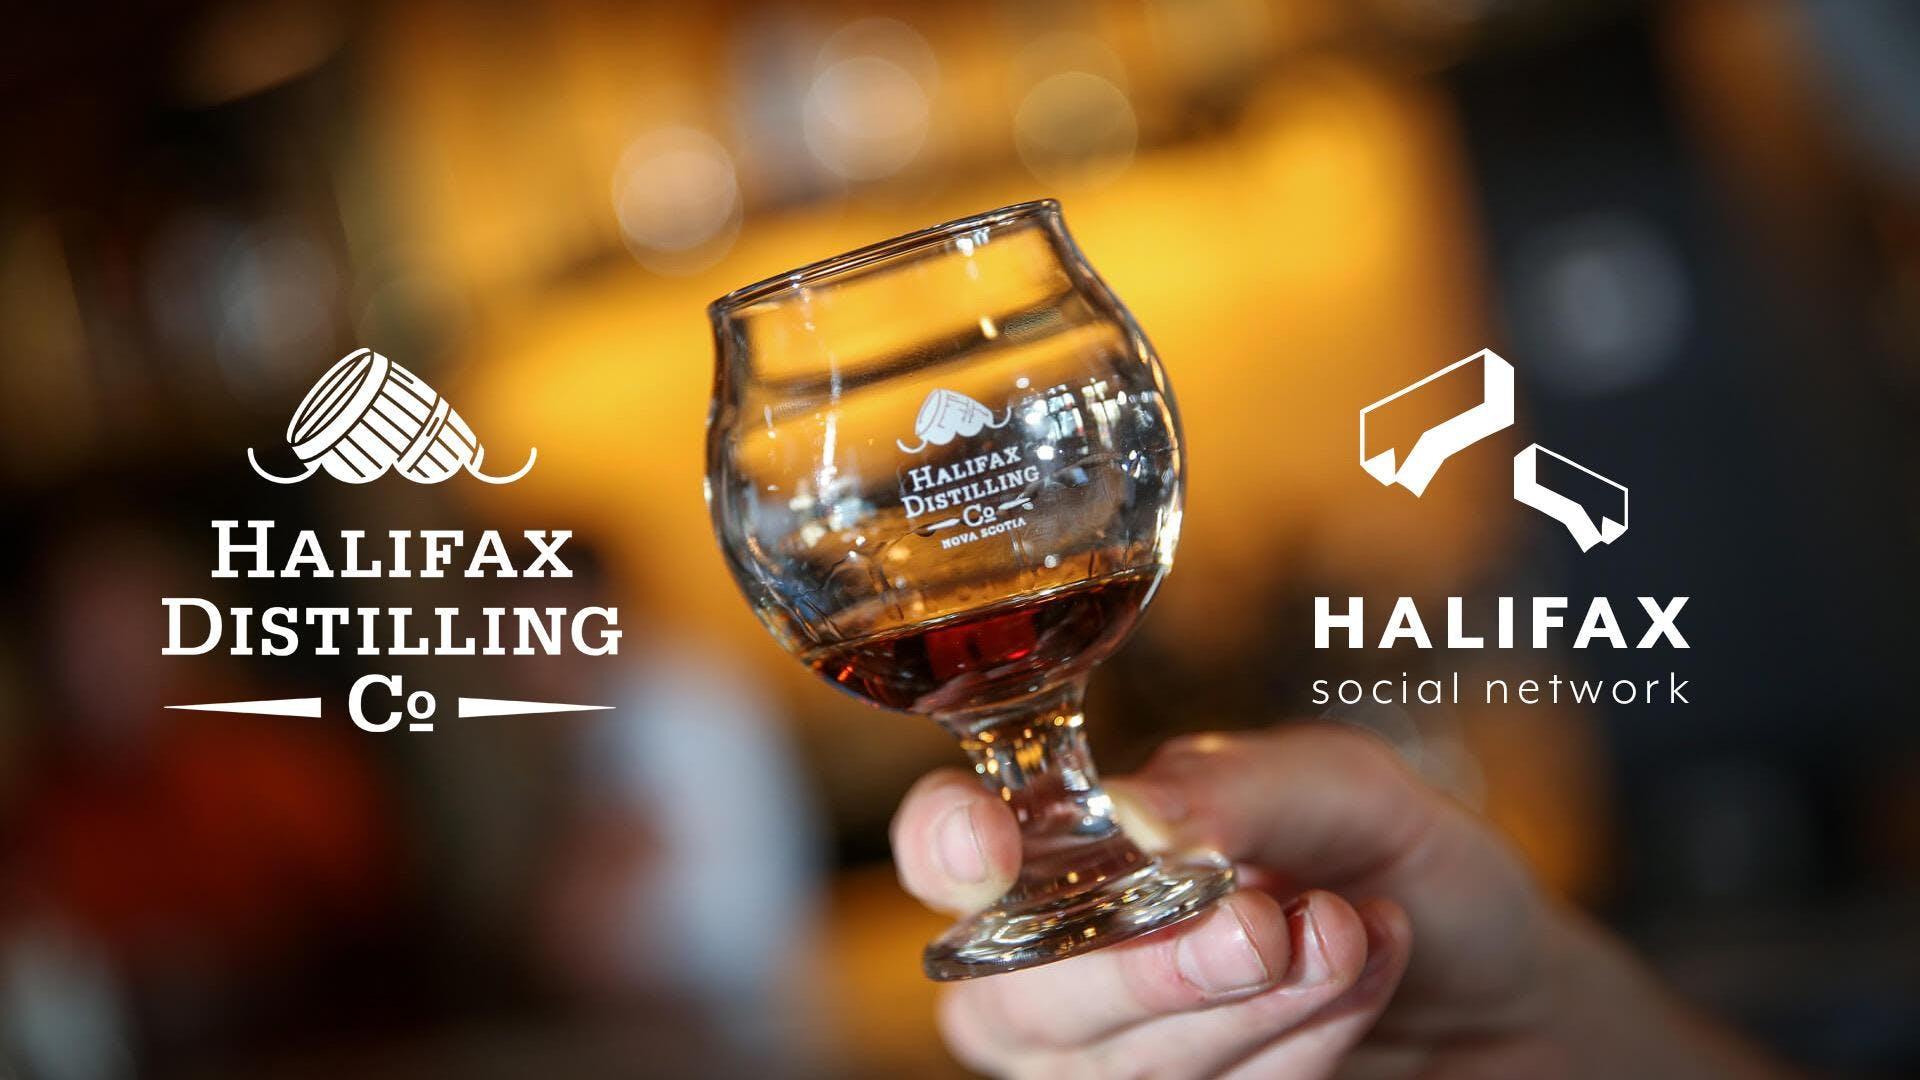 Halifax Social Network : Round 10